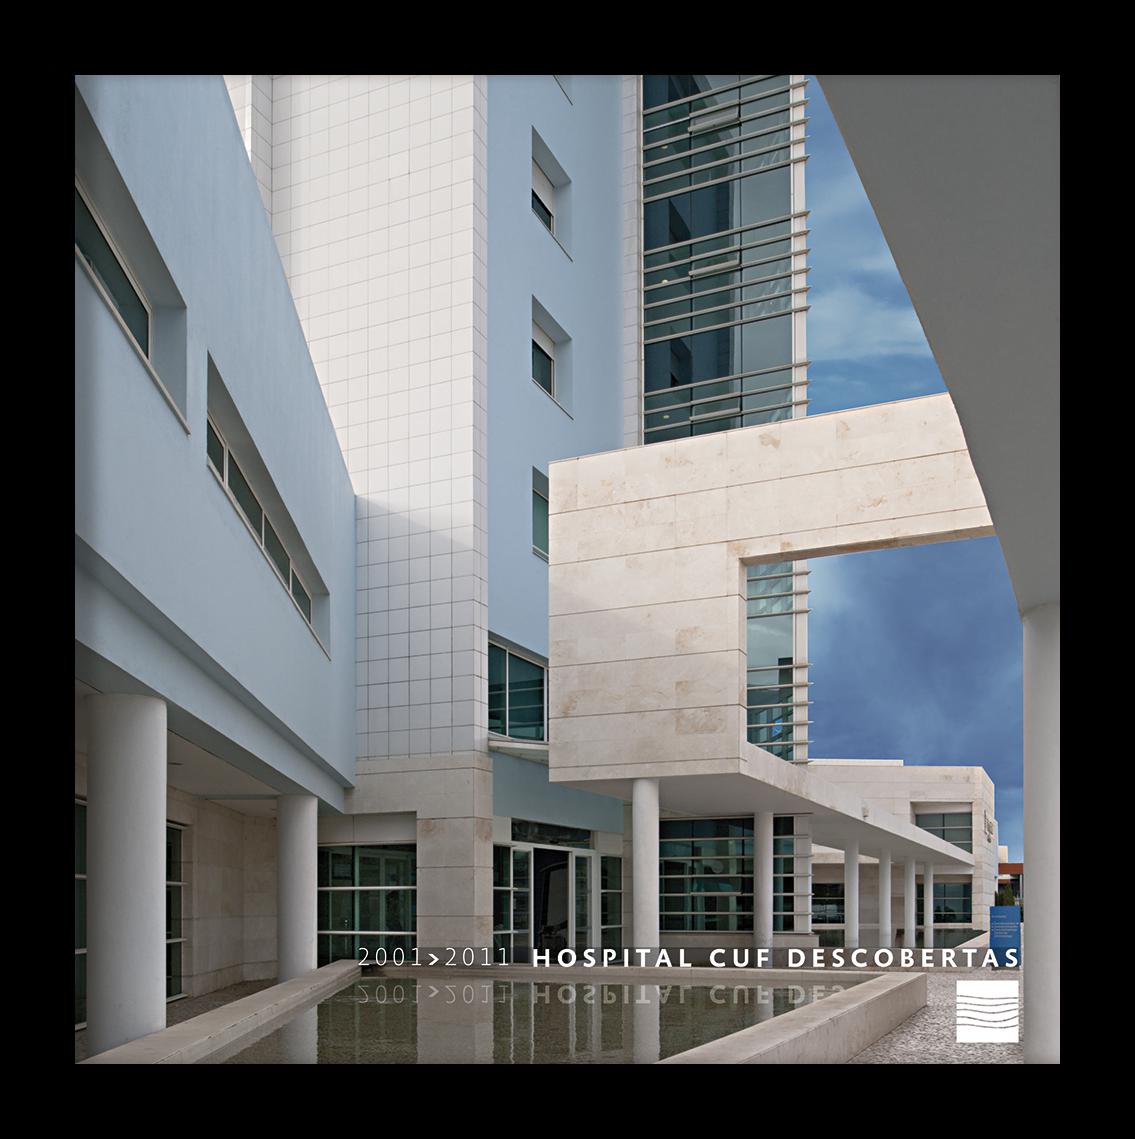 Hospital Cuf Descobertas, 2001-2011